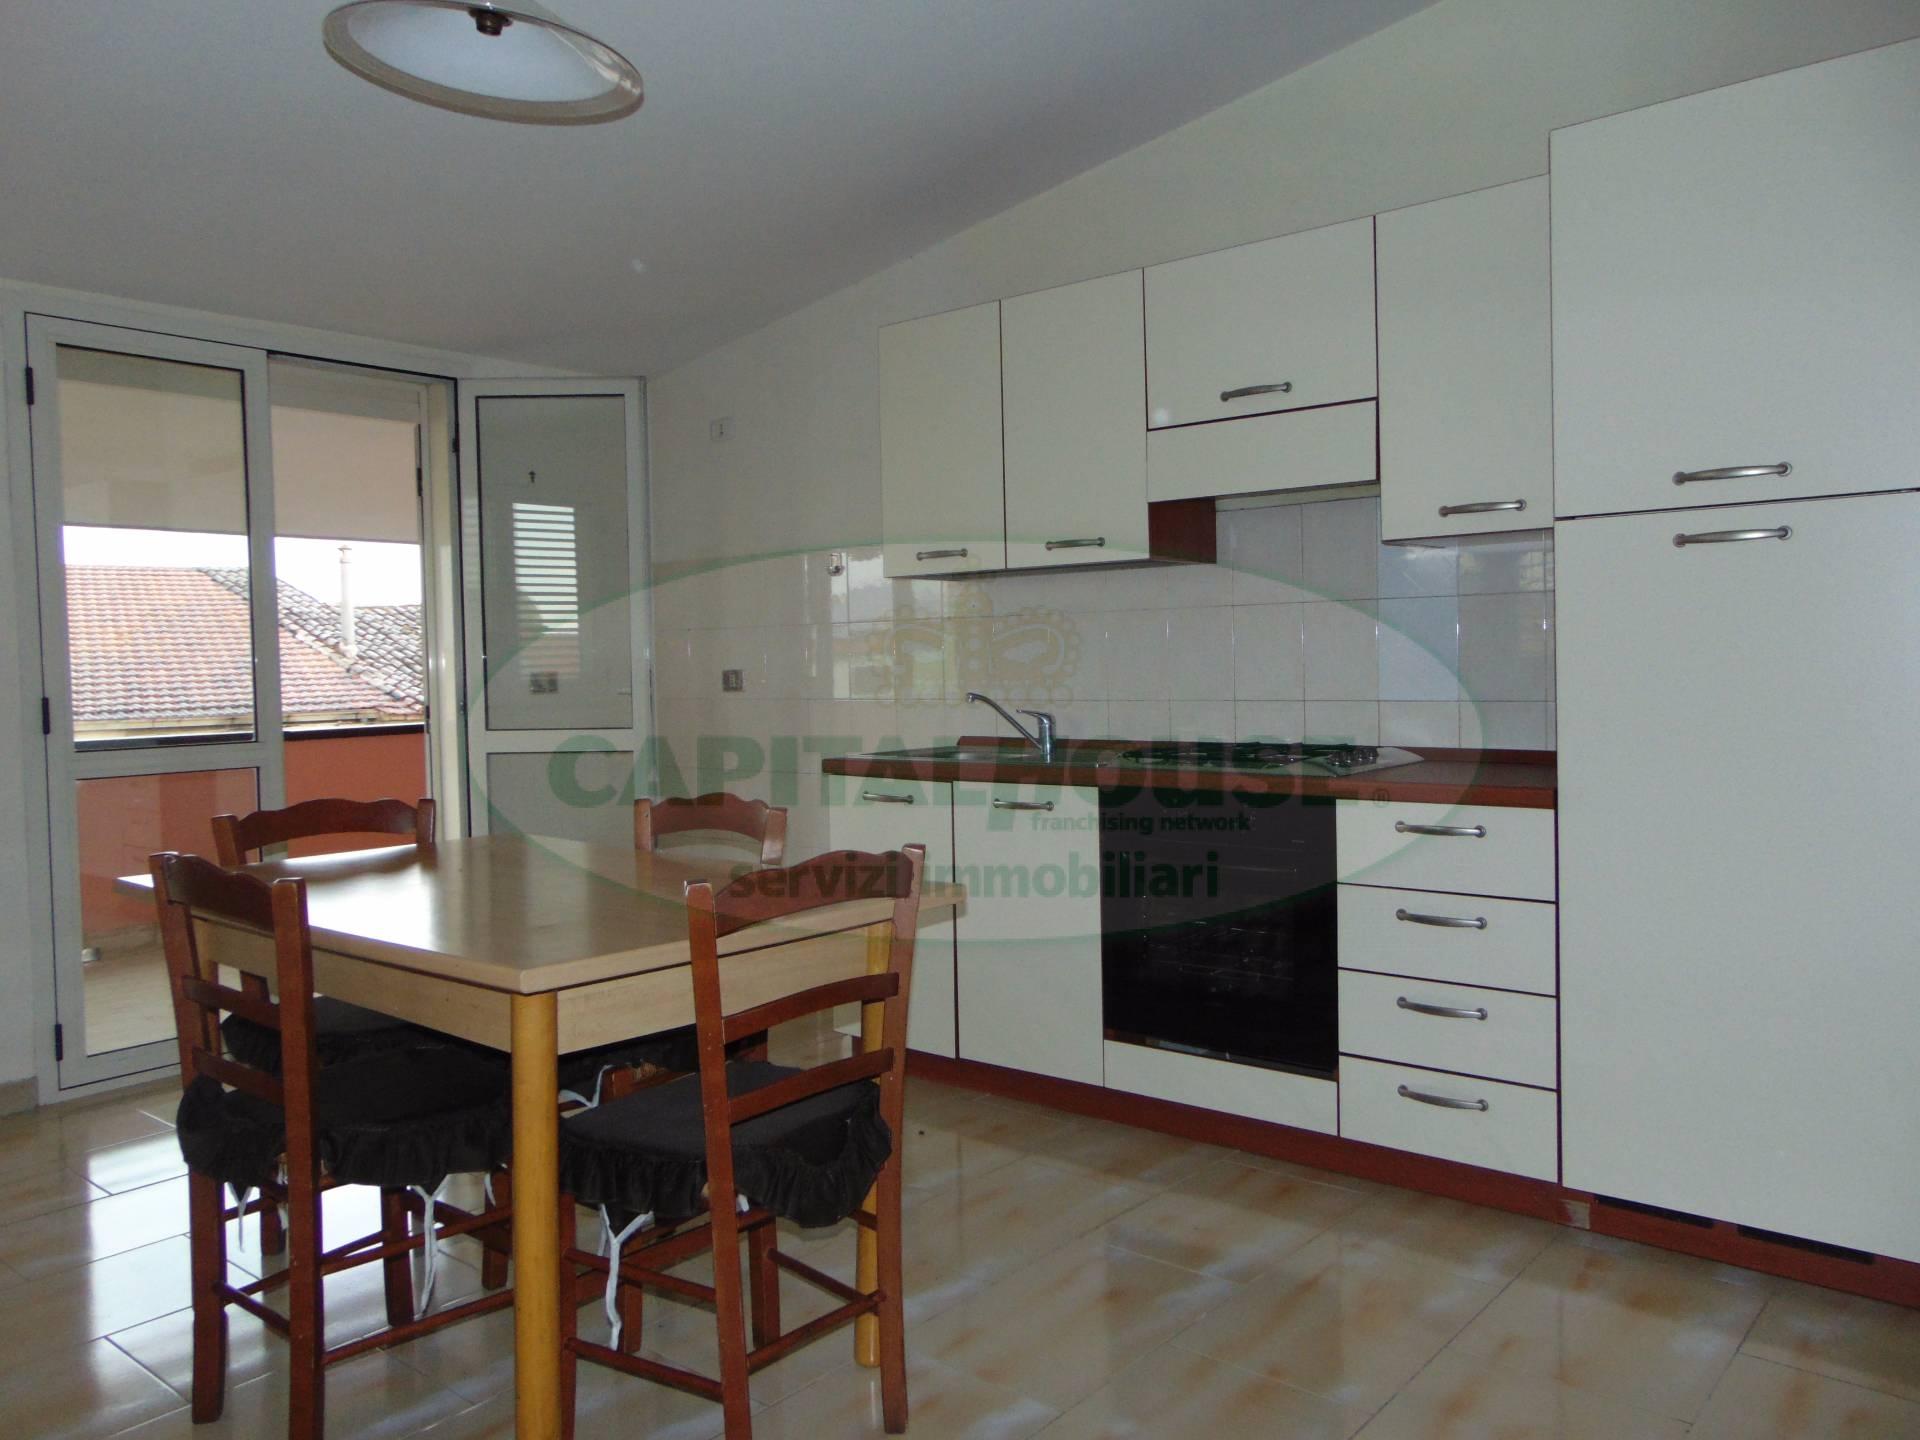 Attico / Mansarda in affitto a San Tammaro, 3 locali, prezzo € 380 | CambioCasa.it